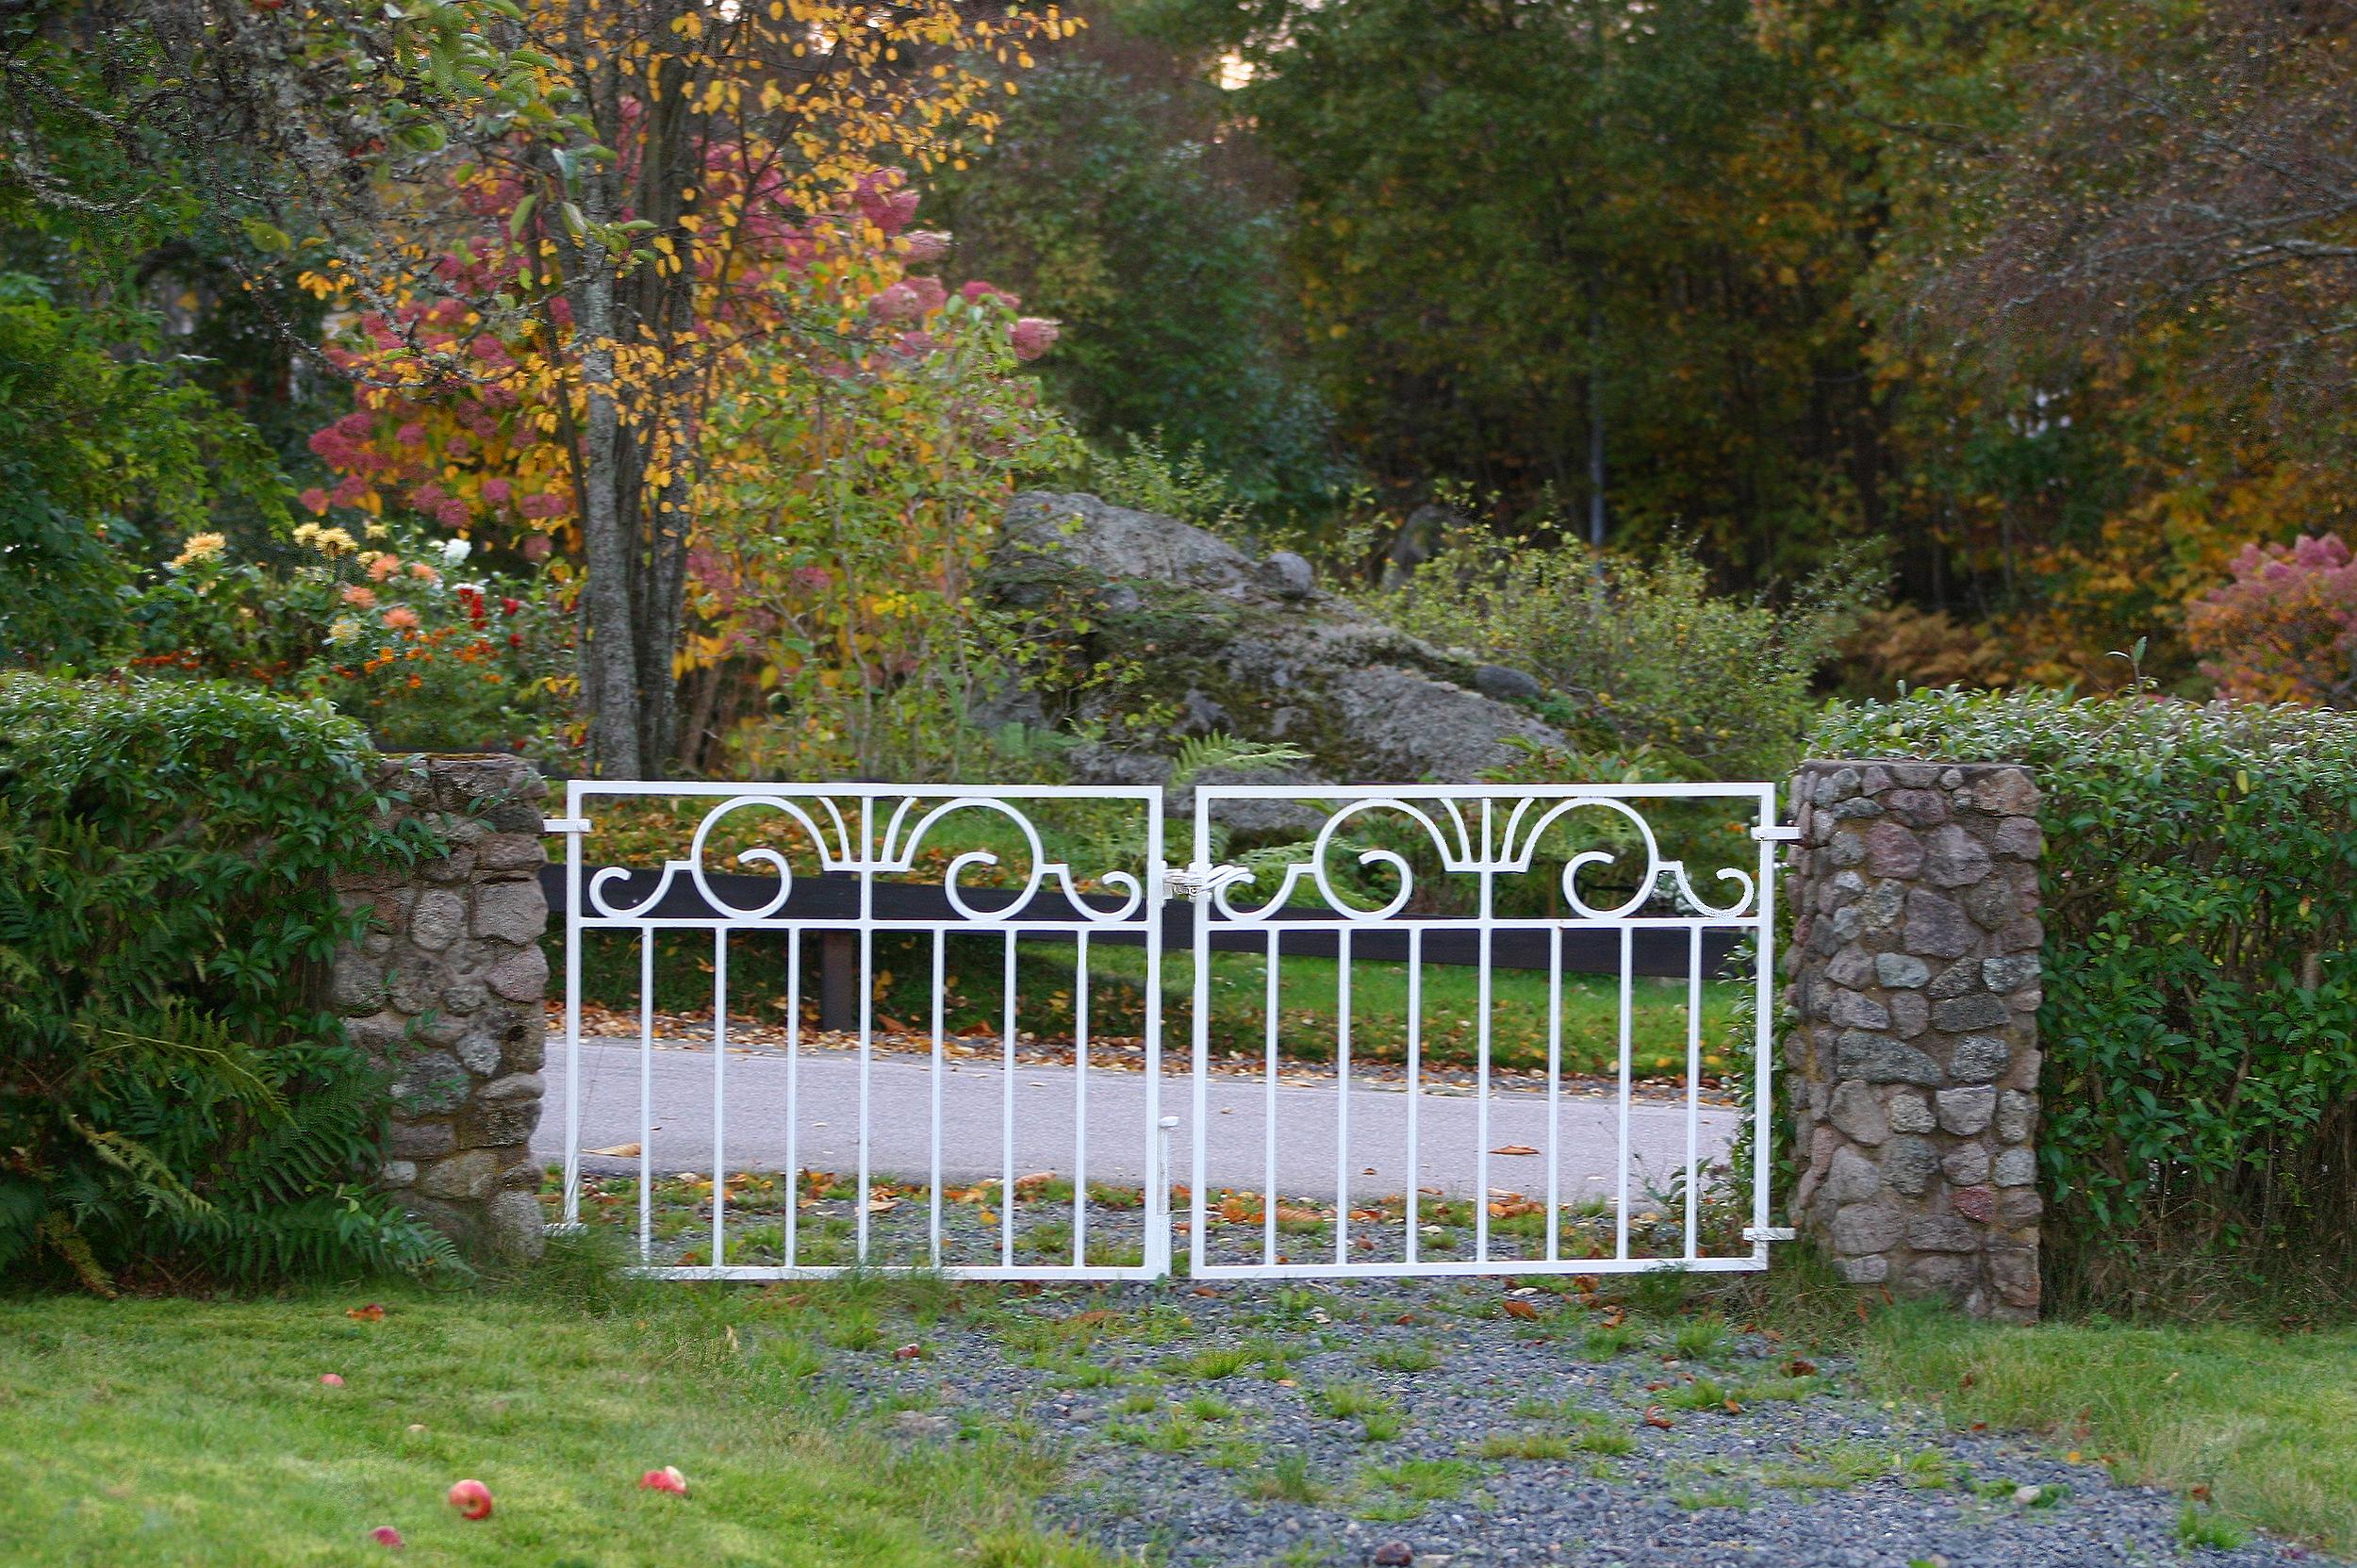 FileGarden gate Klavrestroemjpg Wikimedia Commons